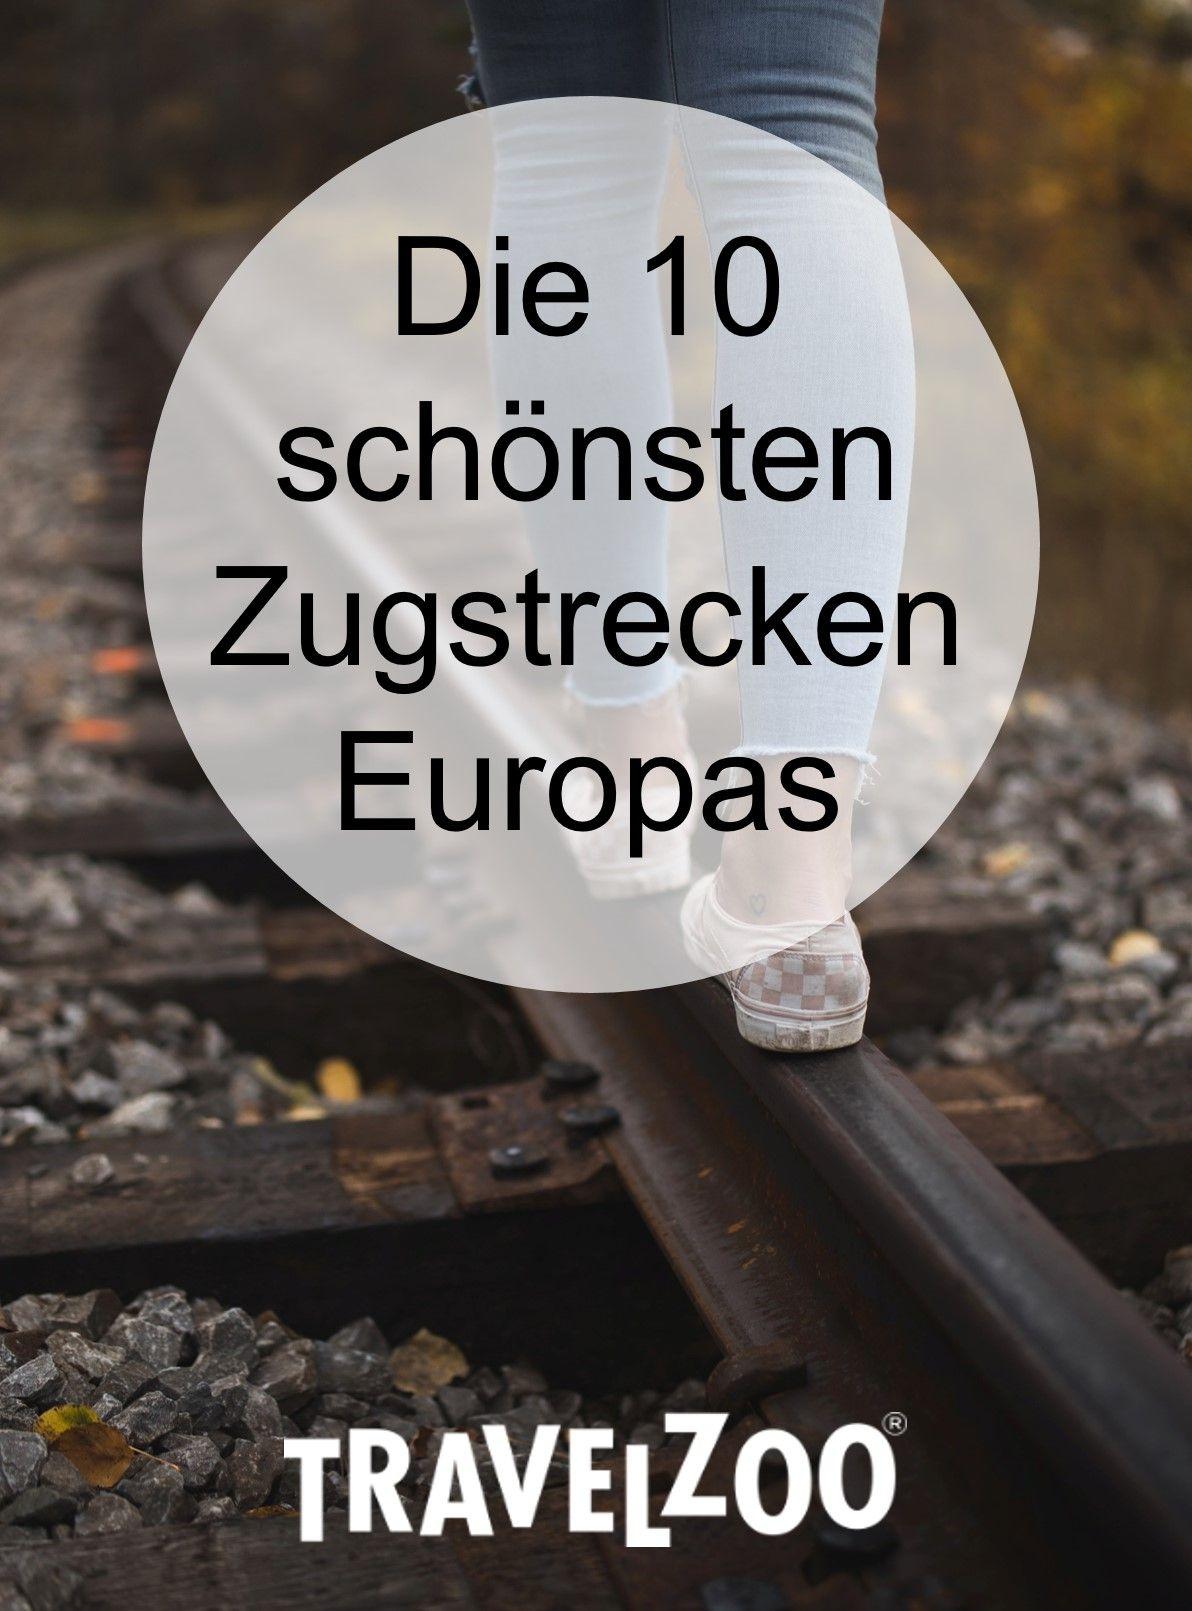 Die 10 Schonsten Zugstrecken Europas In 2020 Europa Reise